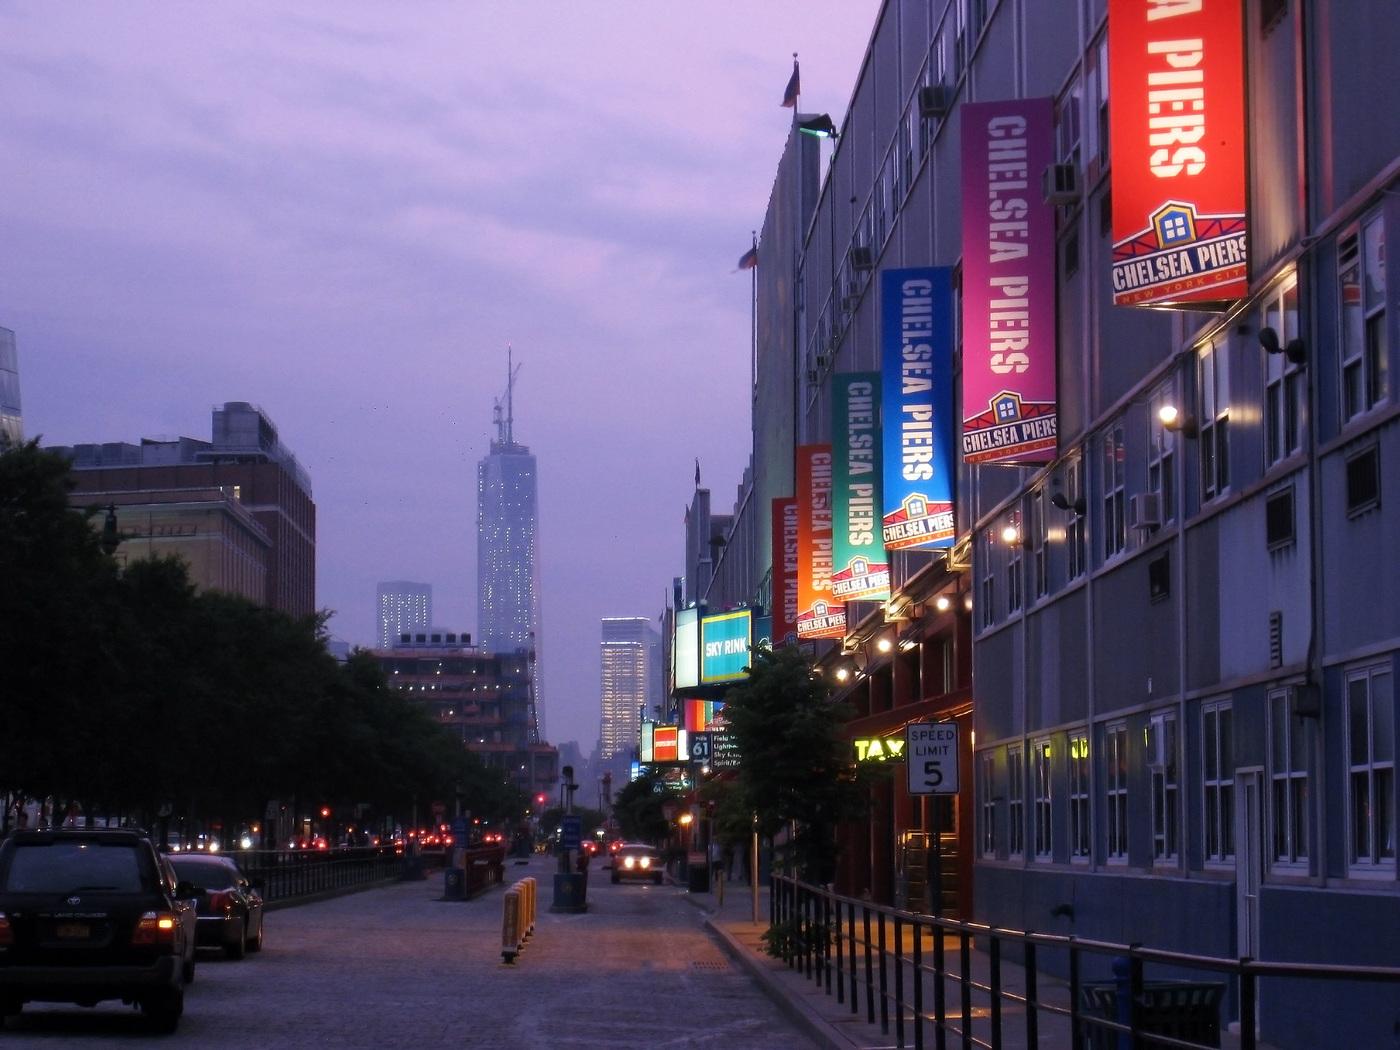 Yotvat Kariti - New York Street by Night